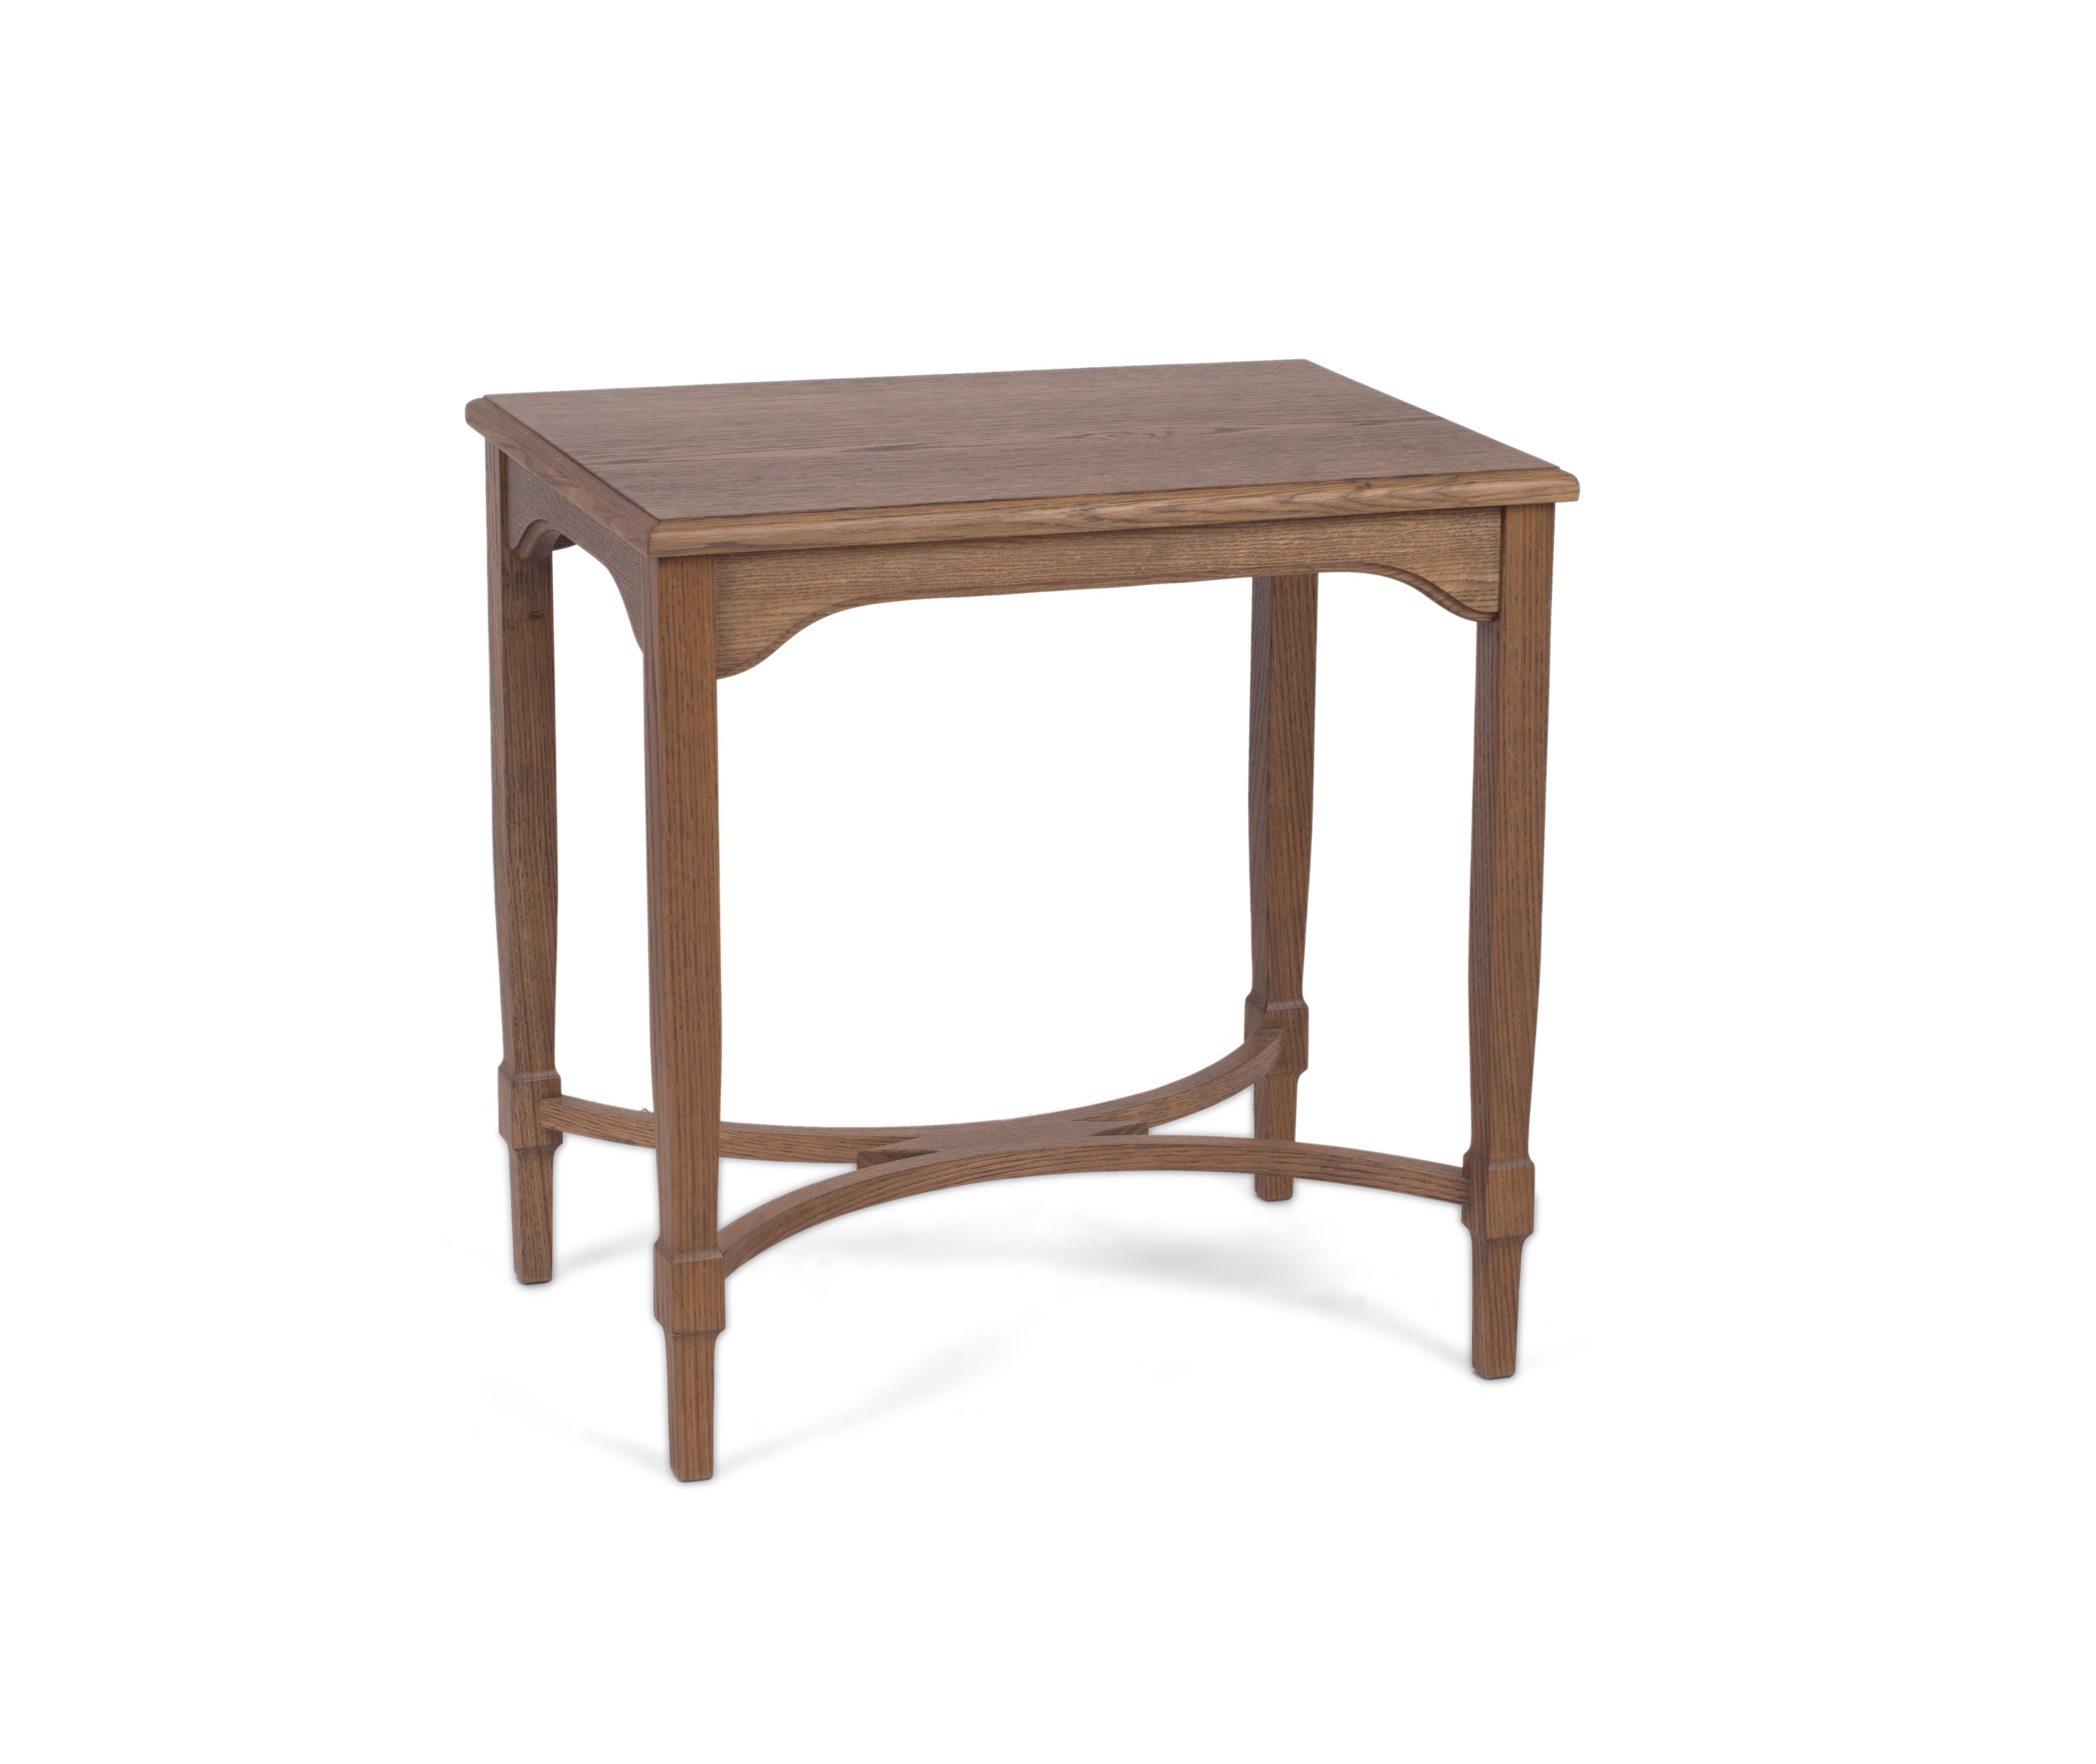 Dundas side table